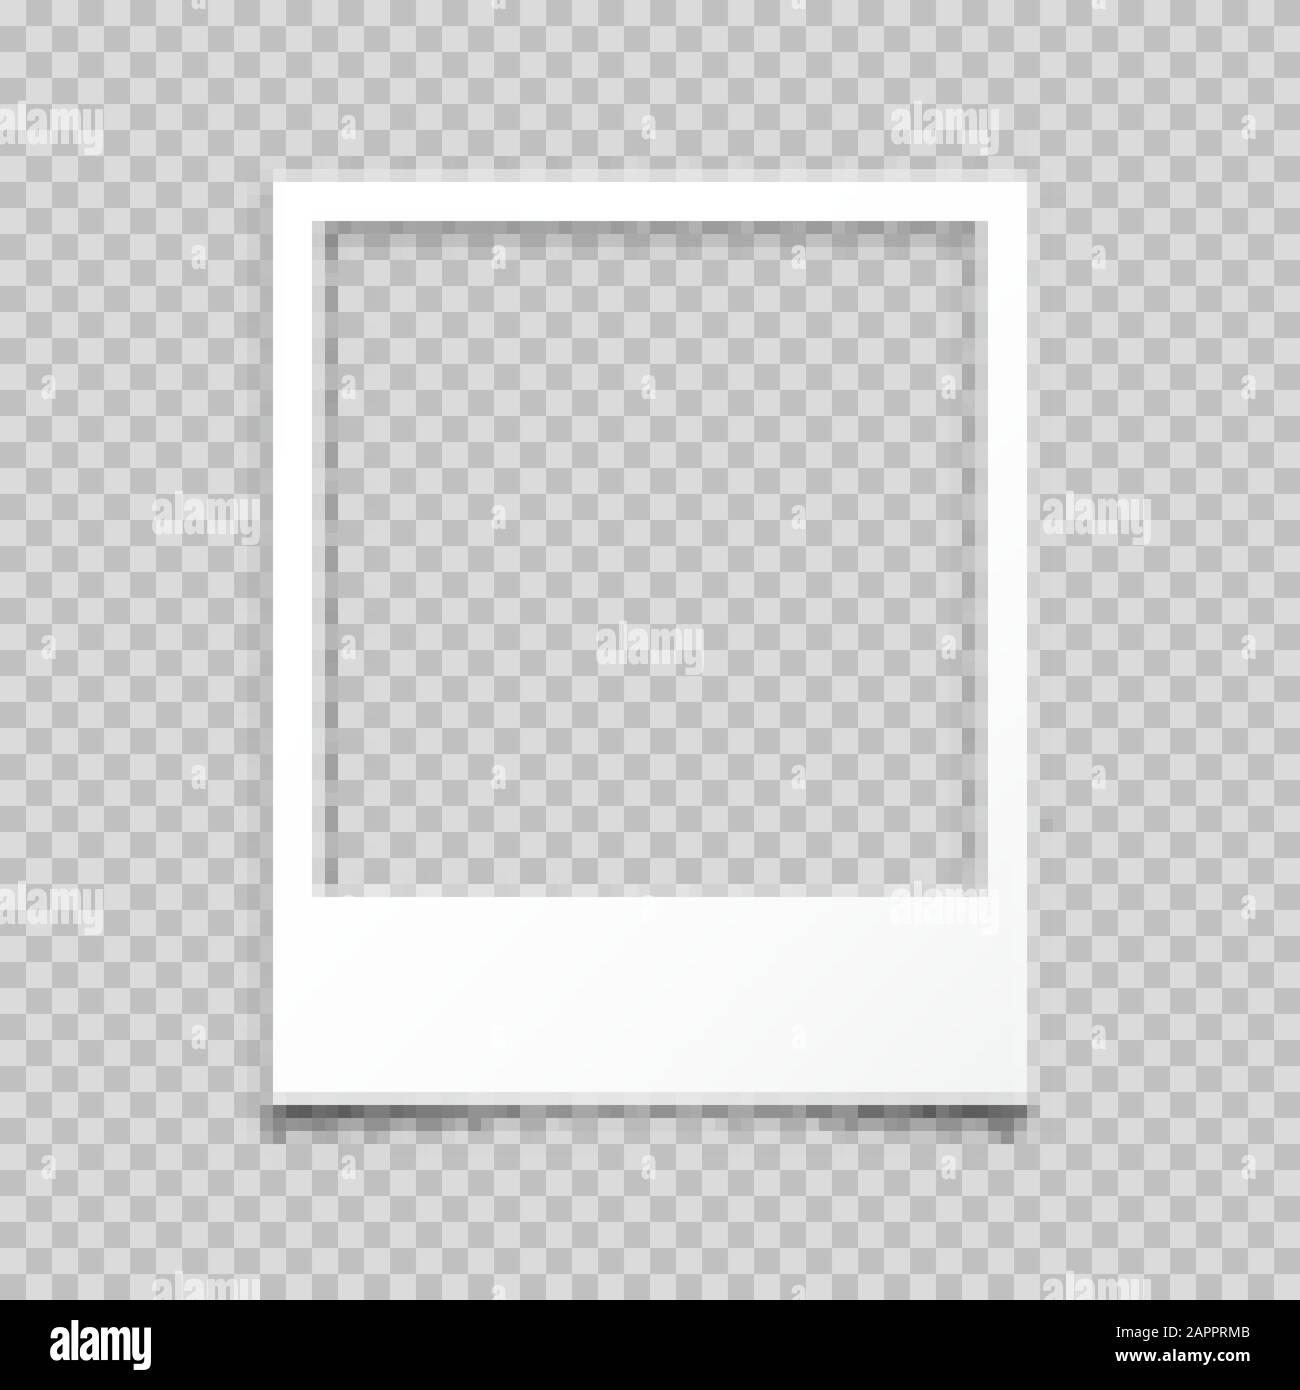 Cadre de carte photo vide réaliste, jeu de films. Photo rétro vintage. Image d'instantané numérique. Modèle ou maquette pour la conception. Illustration vectorielle. Illustration de Vecteur